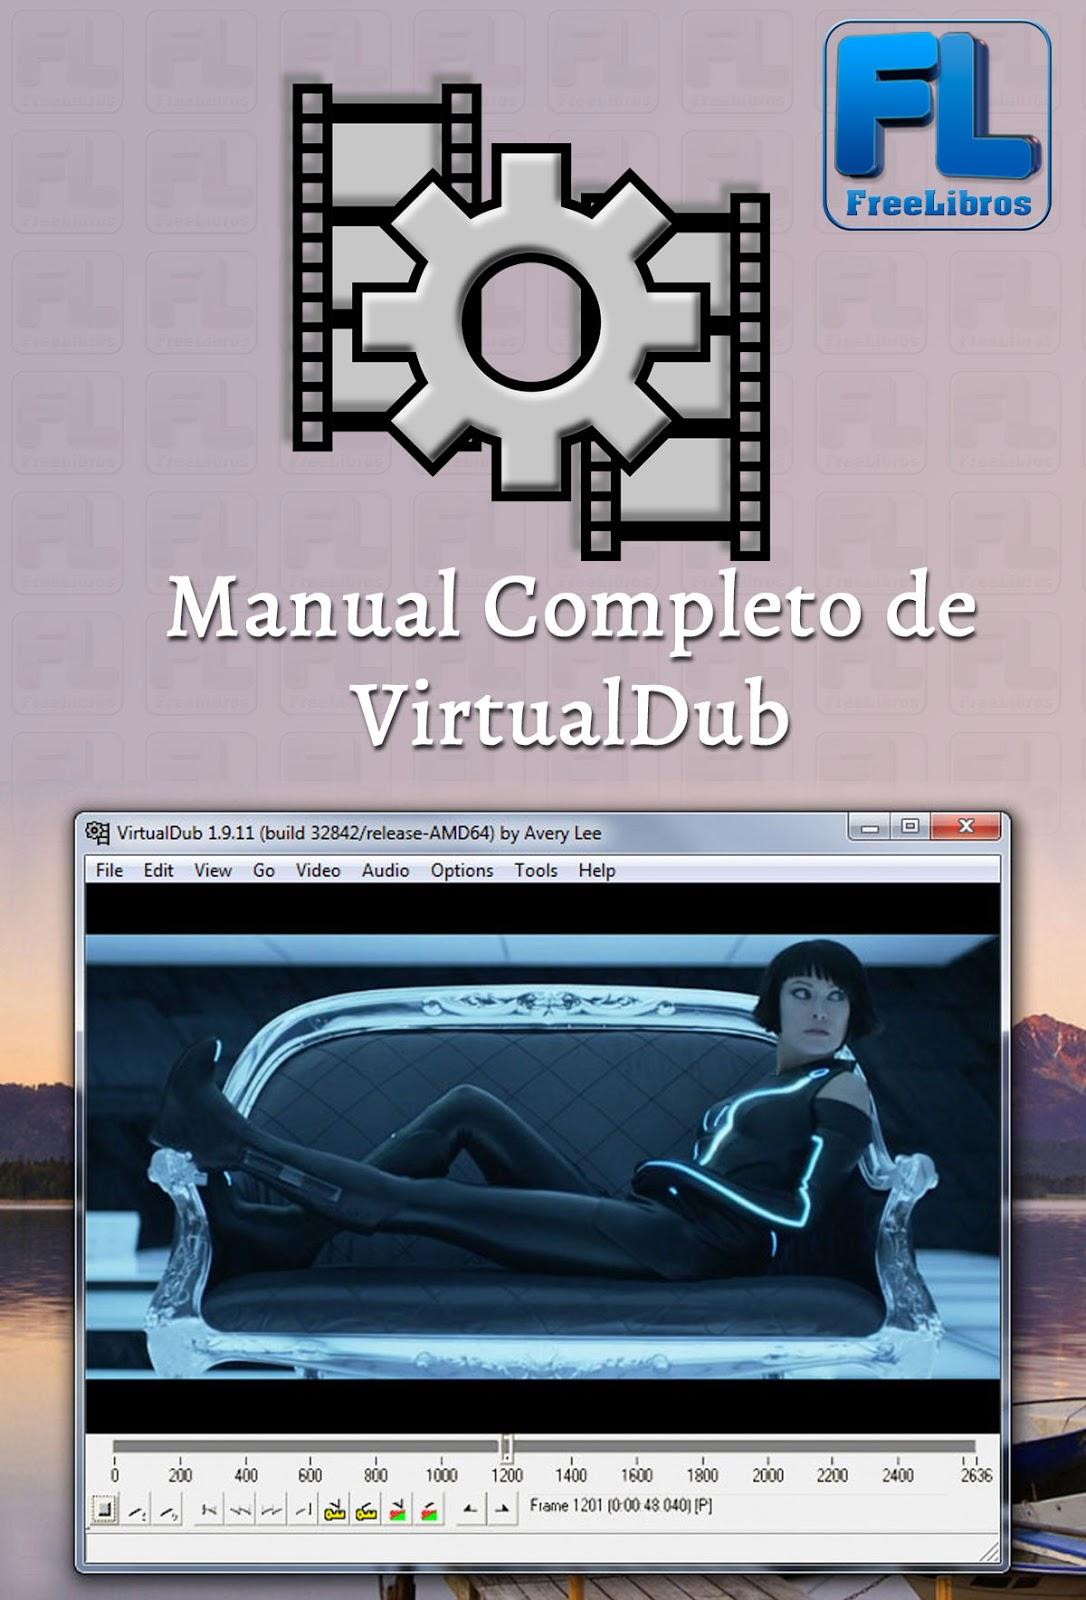 Manual Completo de VirtualDub